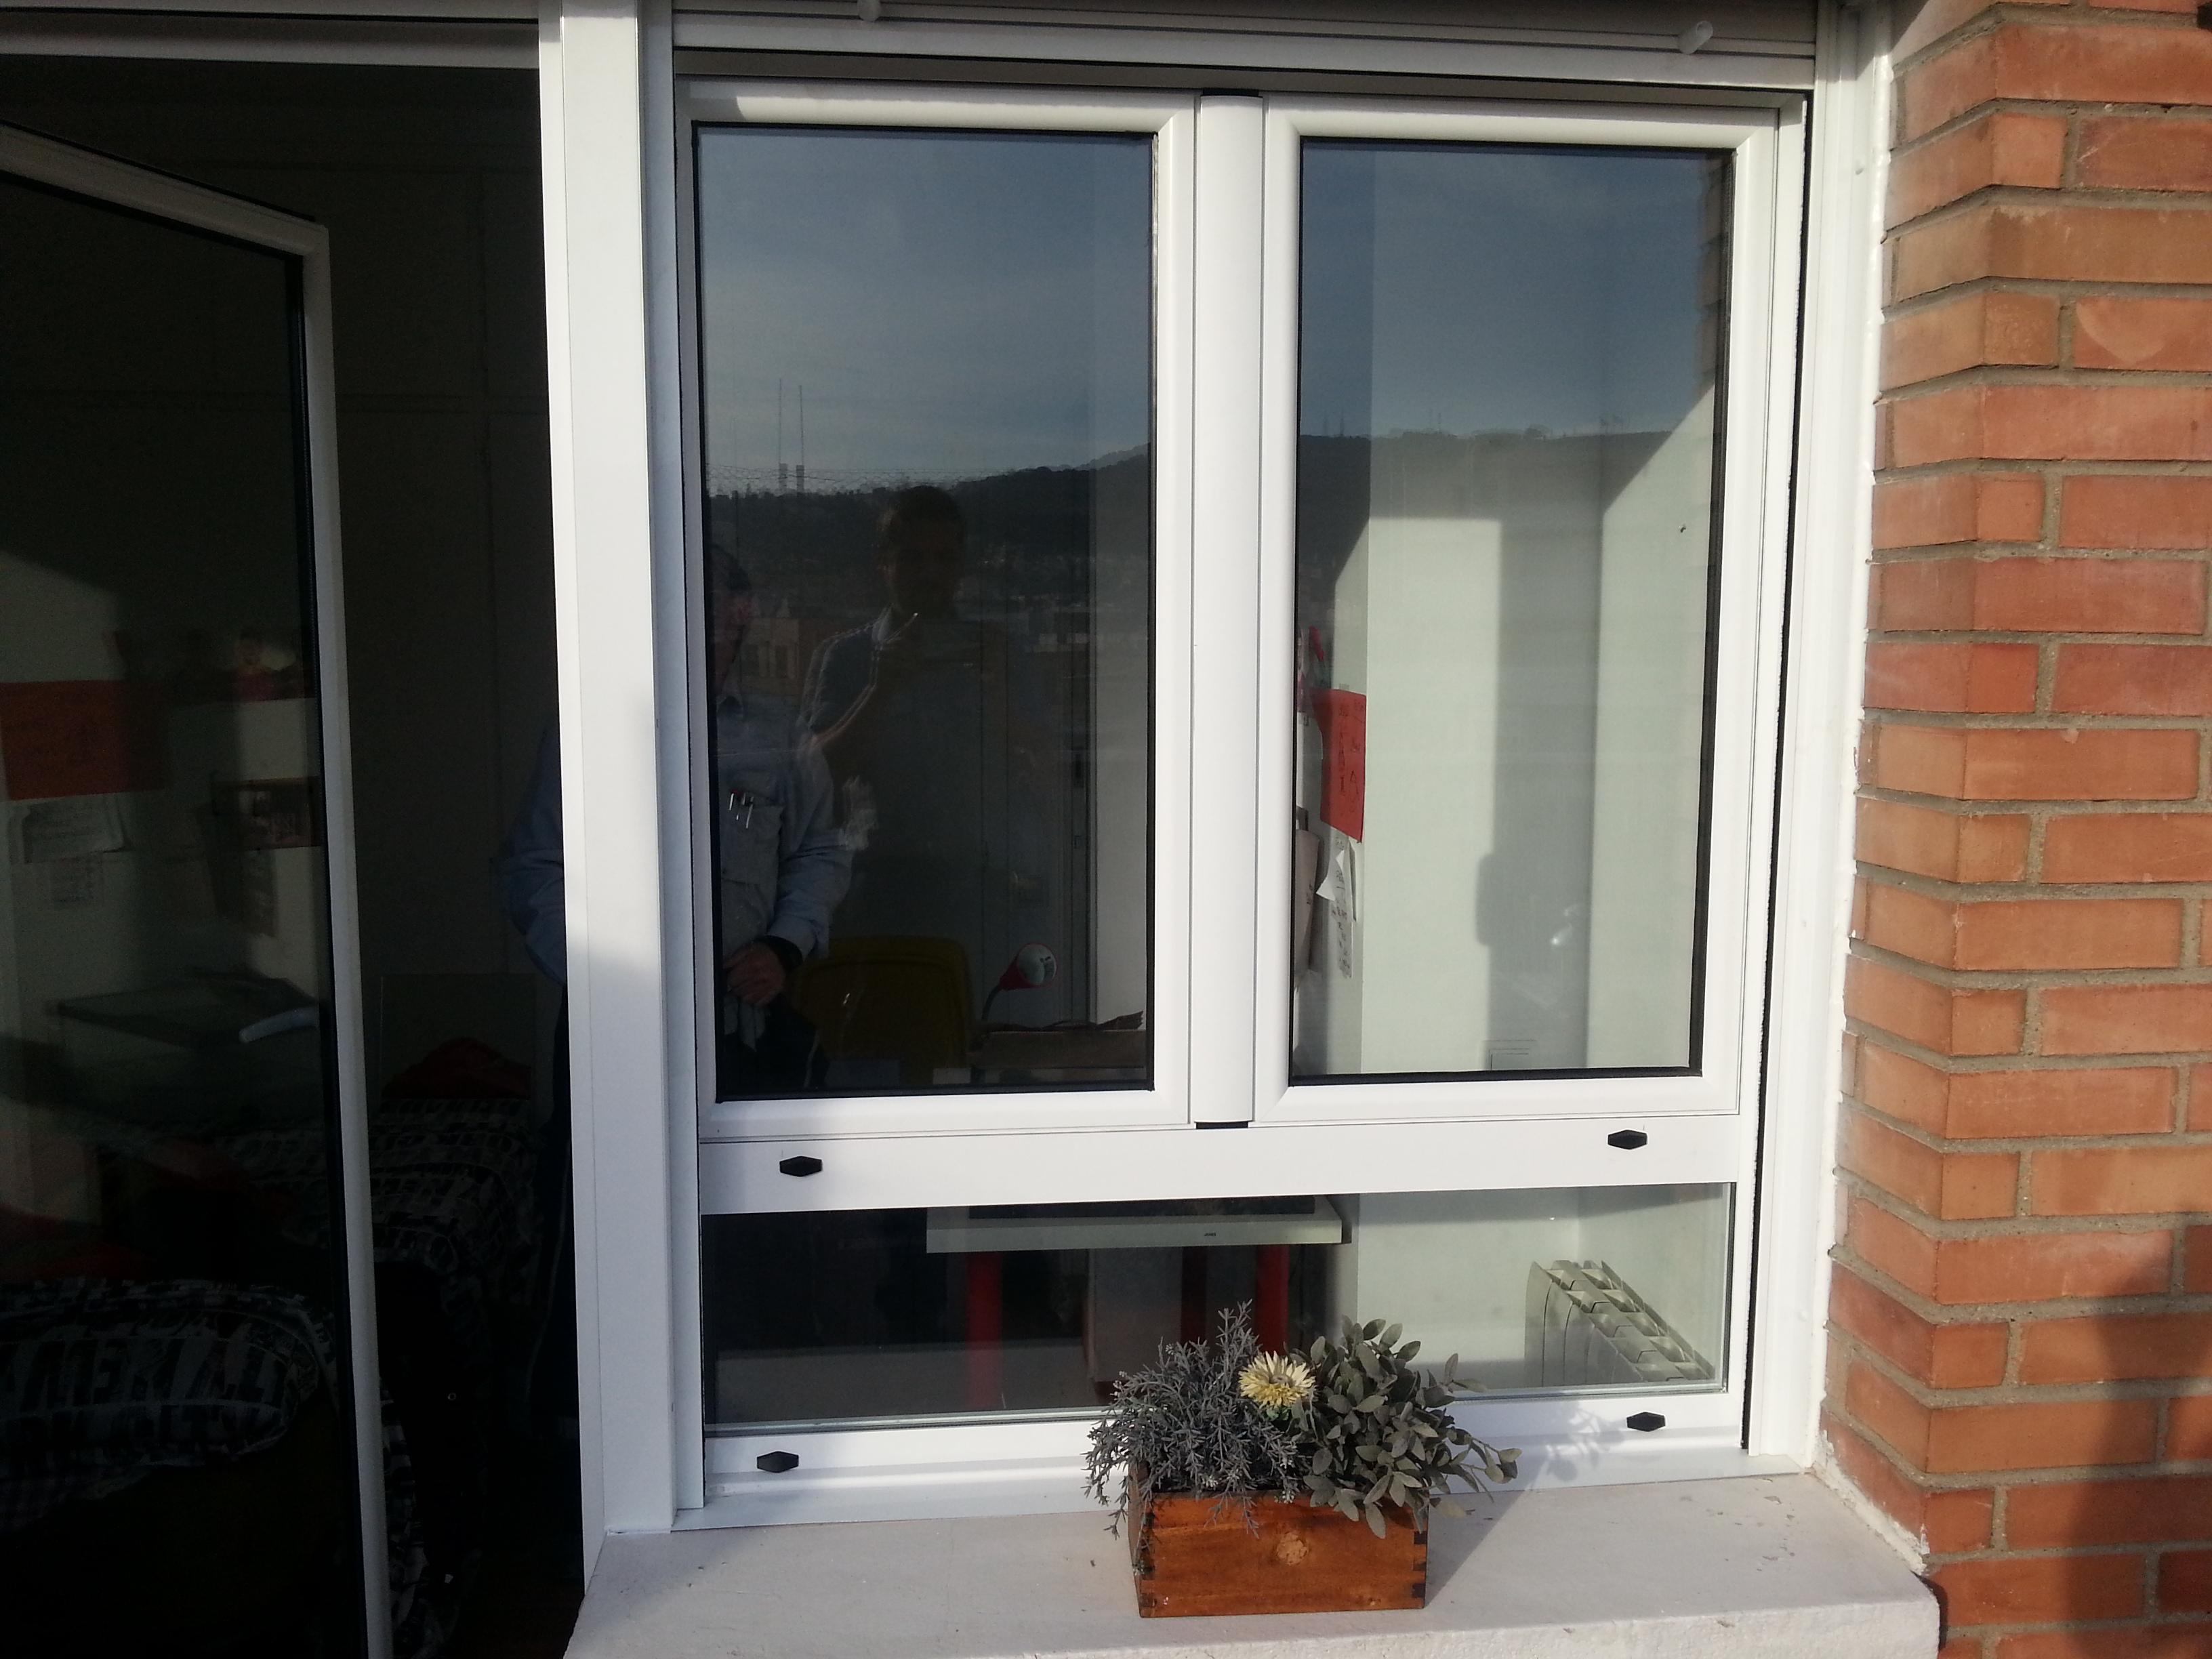 Ventanas de aluminio lacado blanco abisagradas con fijo for Colores ventanas aluminio lacado